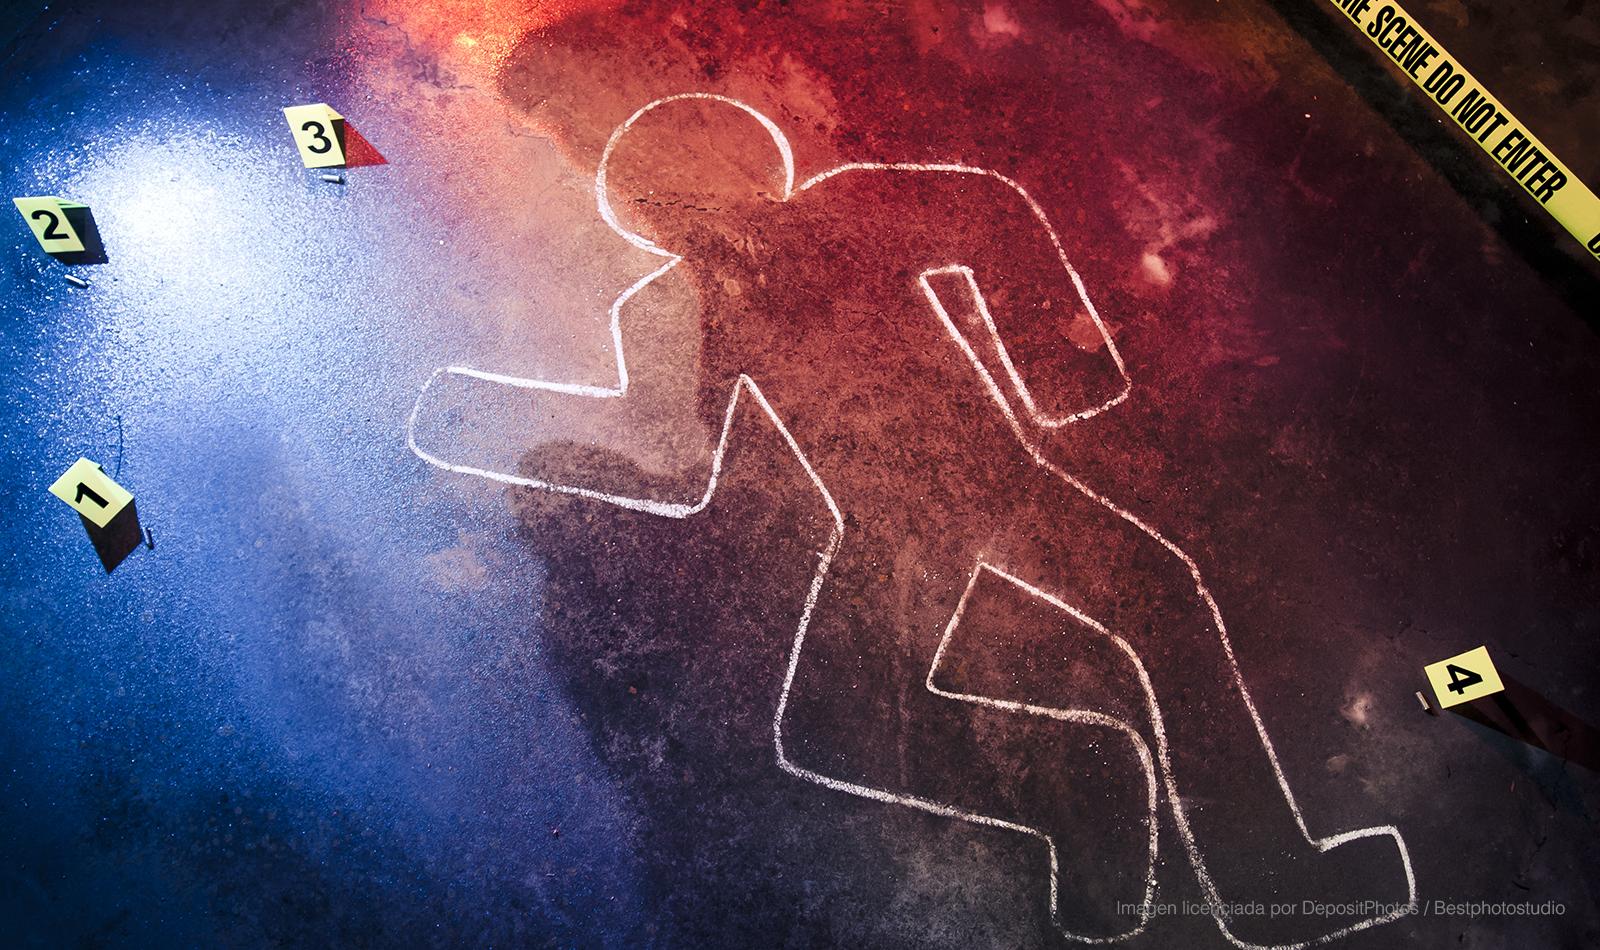 Joven resultó muerto al intentar escapar de centro correccional